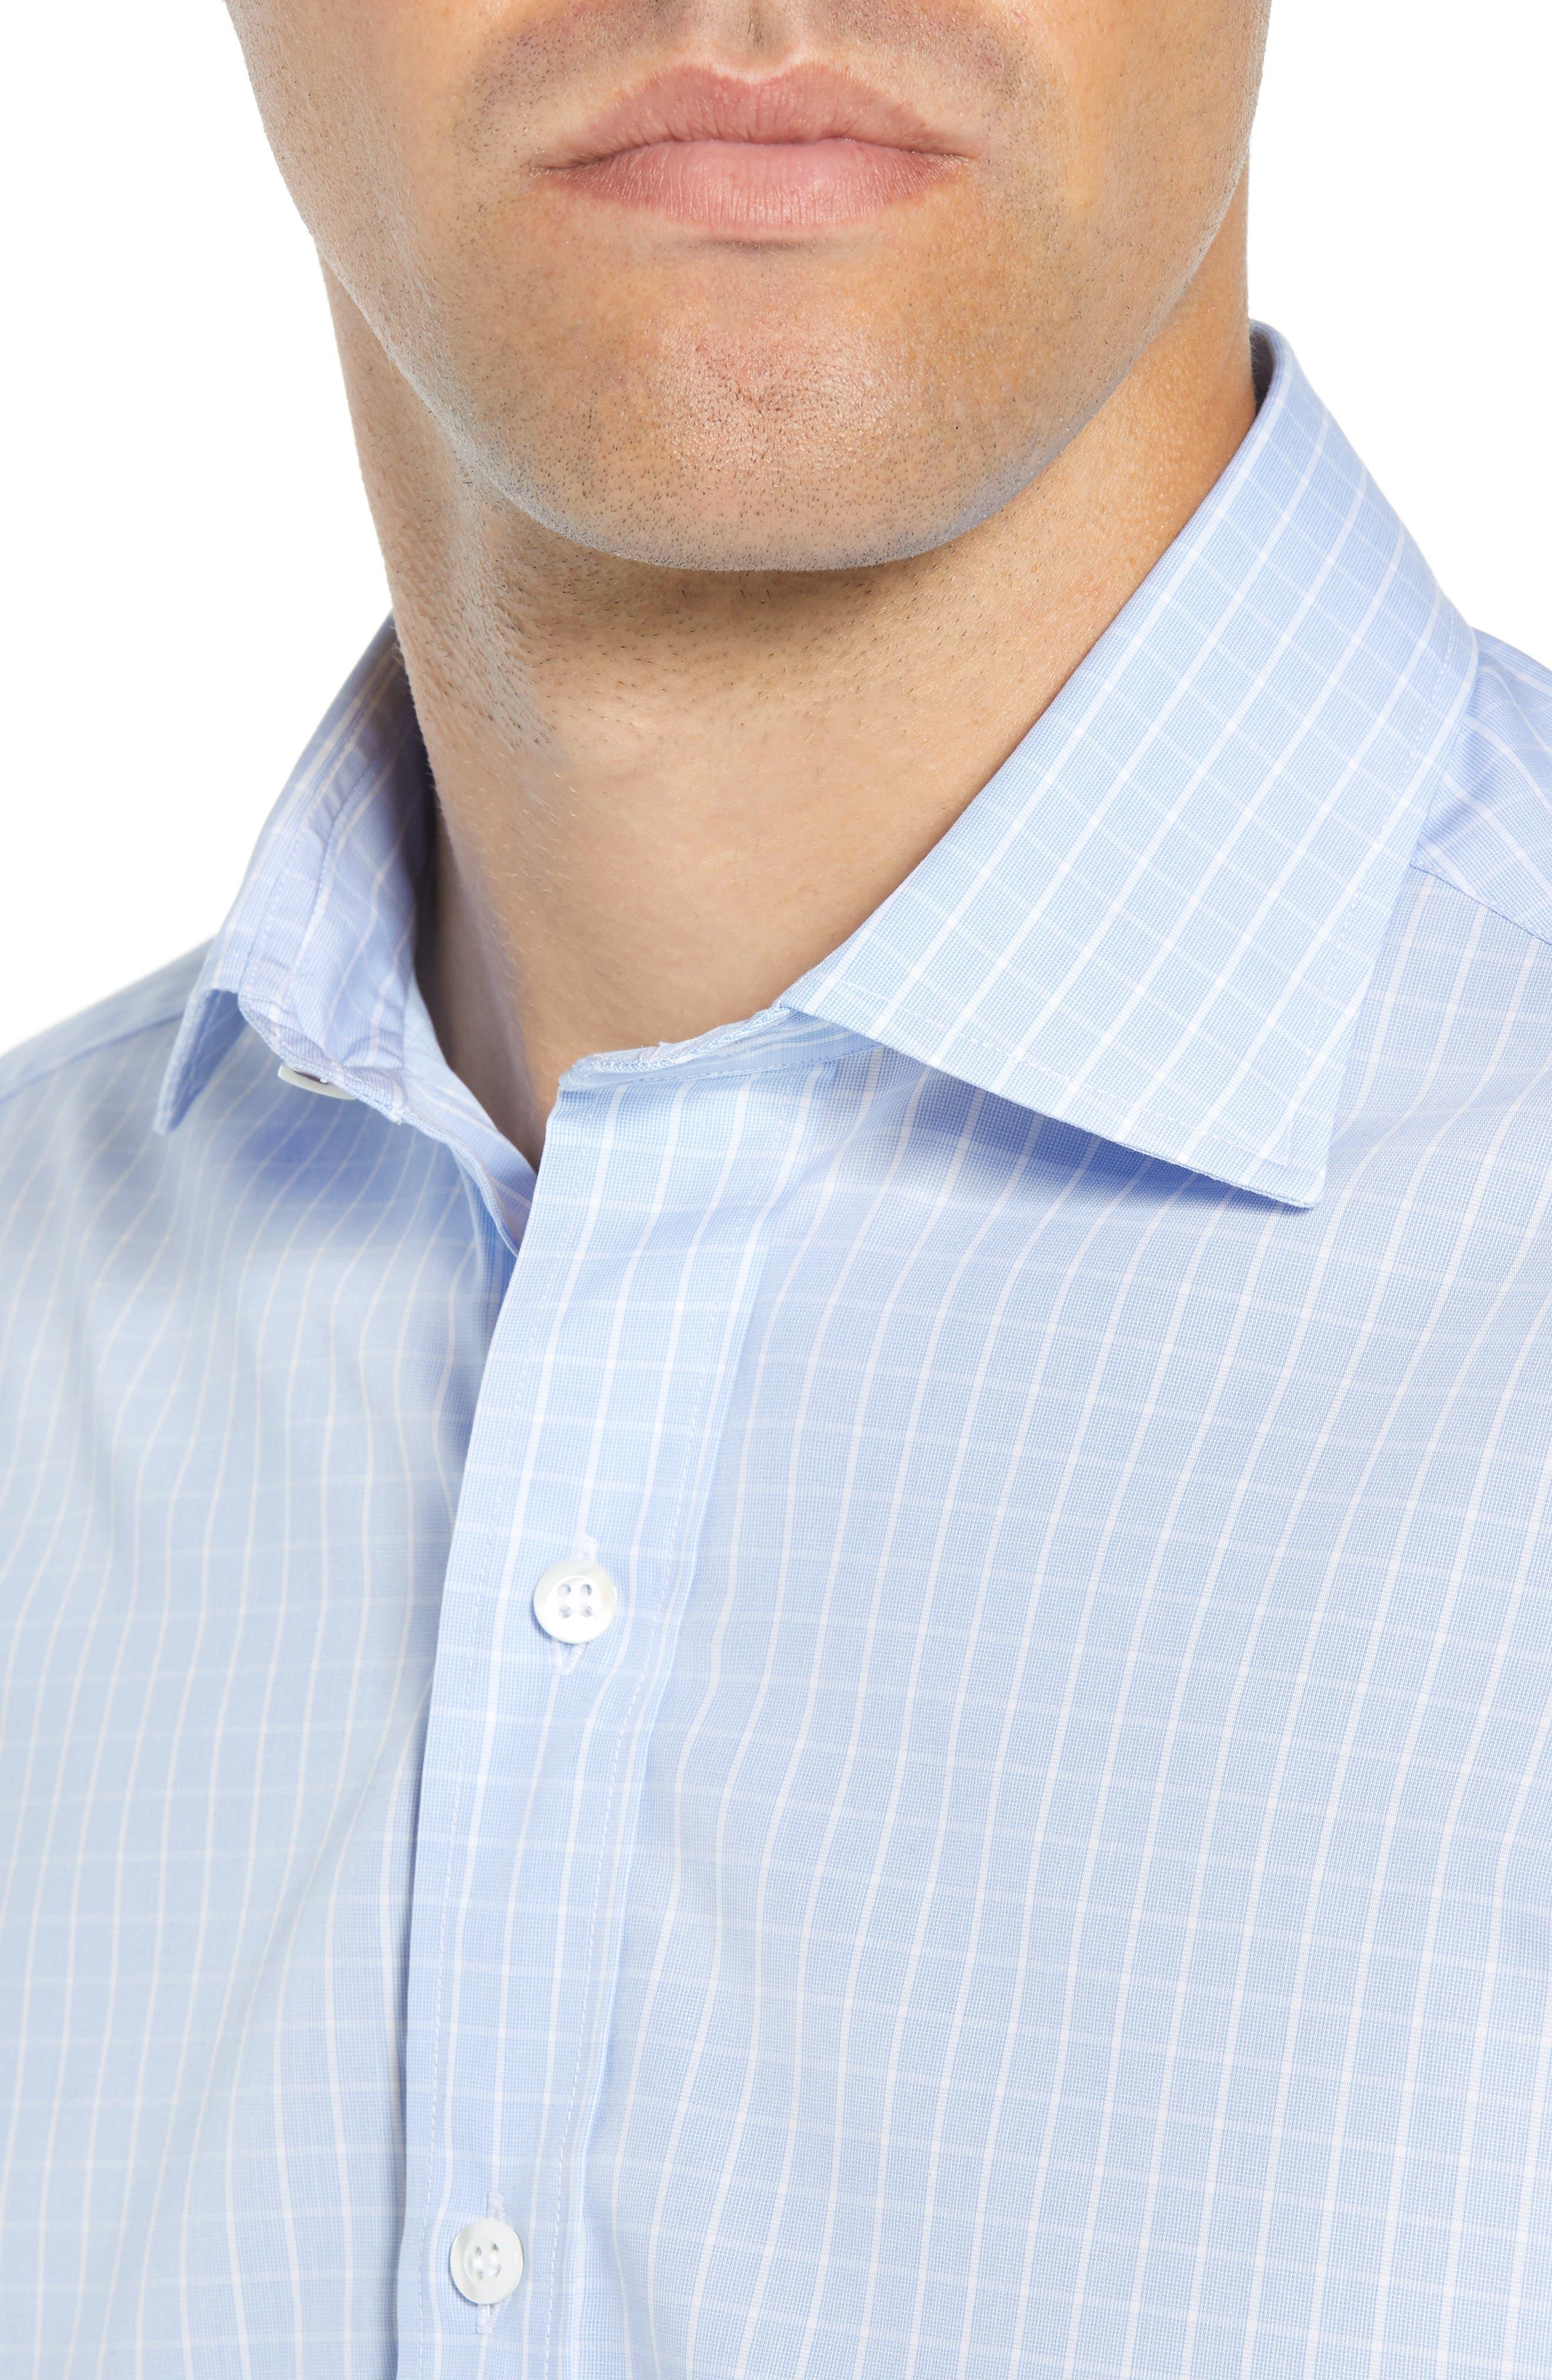 McBride Trim Fit Check Dress Shirt,                             Alternate thumbnail 2, color,                             BLUE